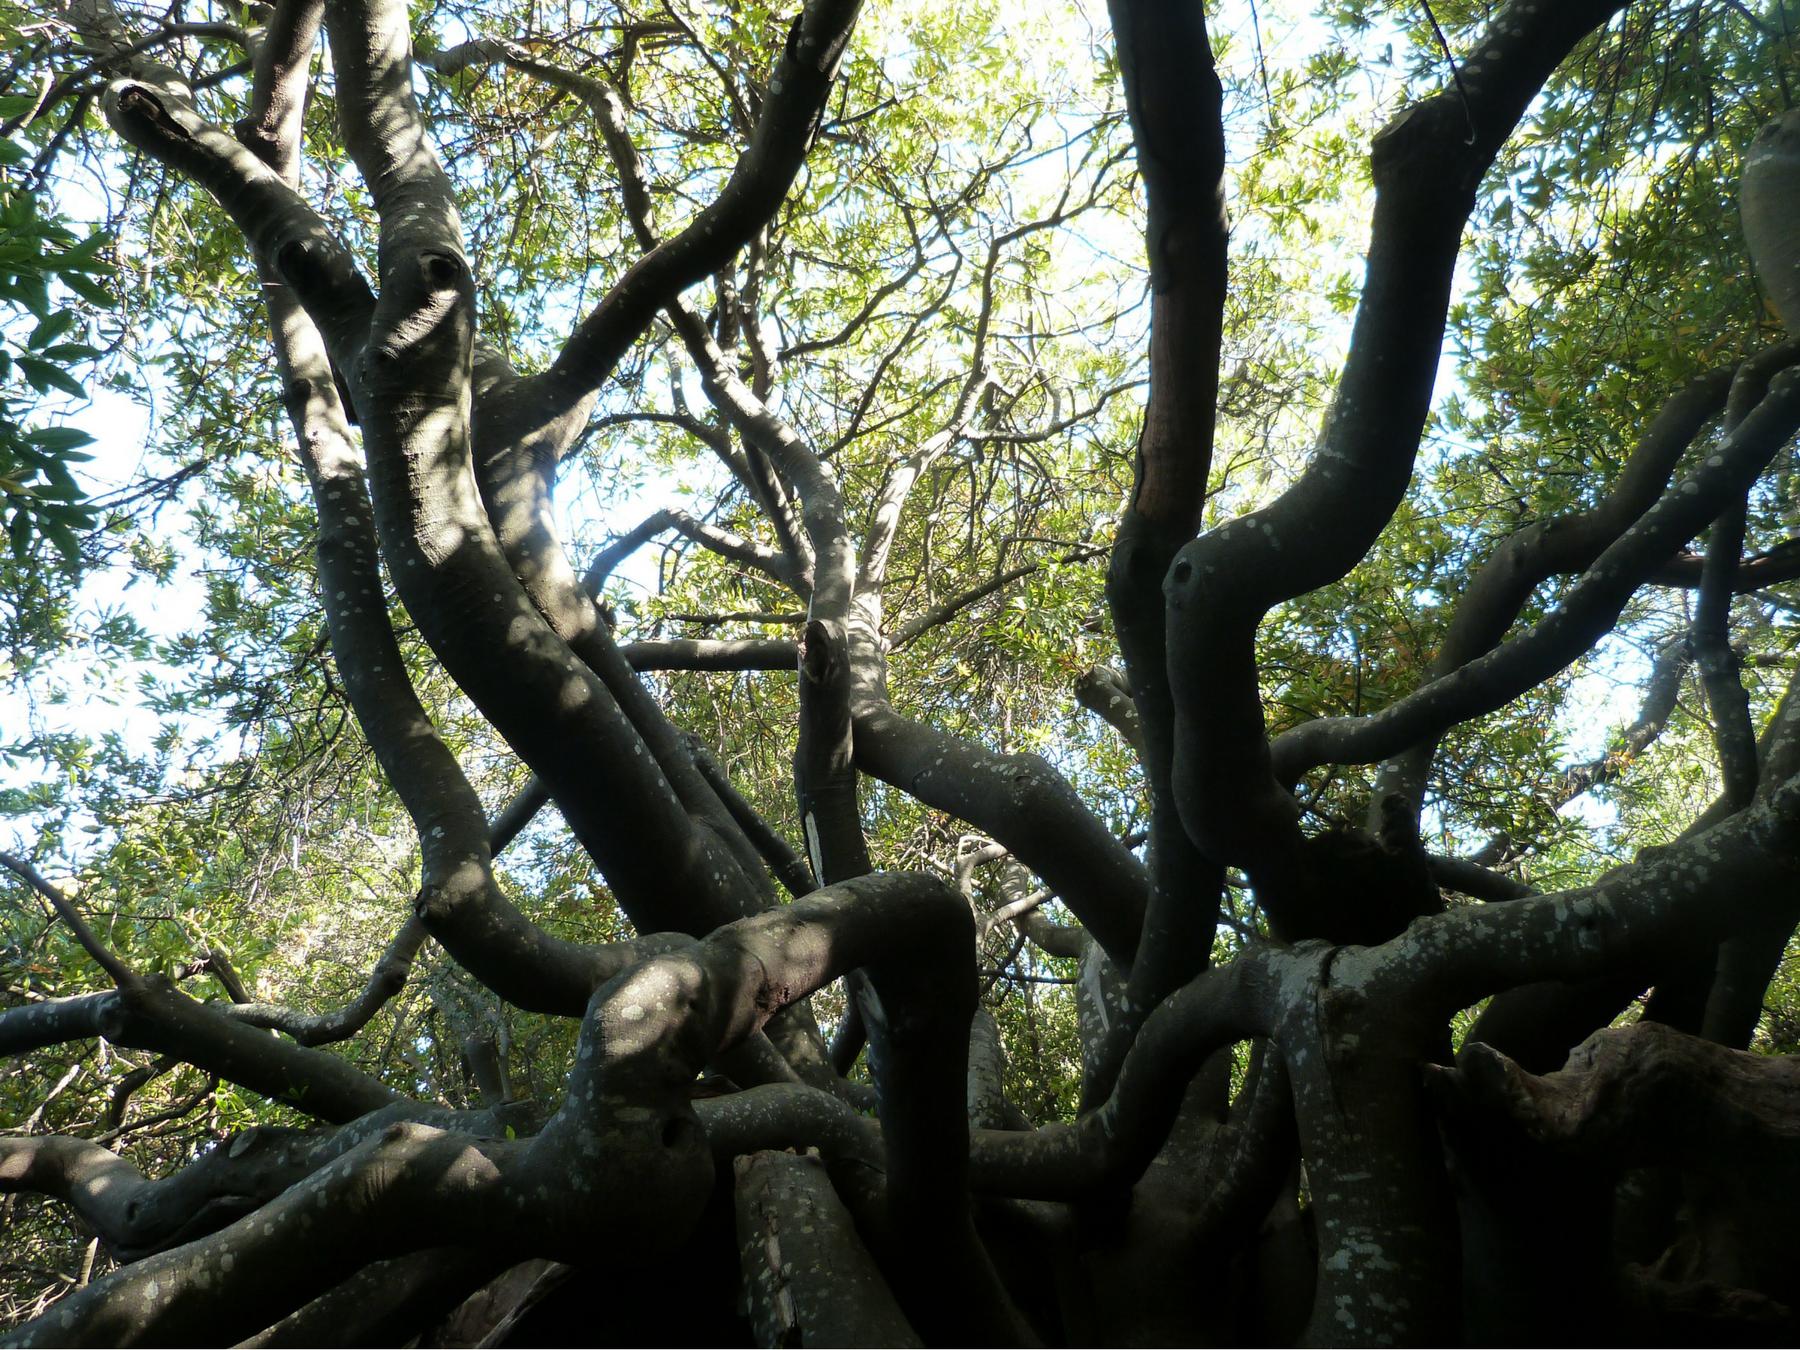 Roteiro-Cidade-do-Cabo-4-a-7-dias-jardim-botanico-Kirstenbosch Roteiro Cidade do Cabo 4 a 7 dias (Sensacional)!